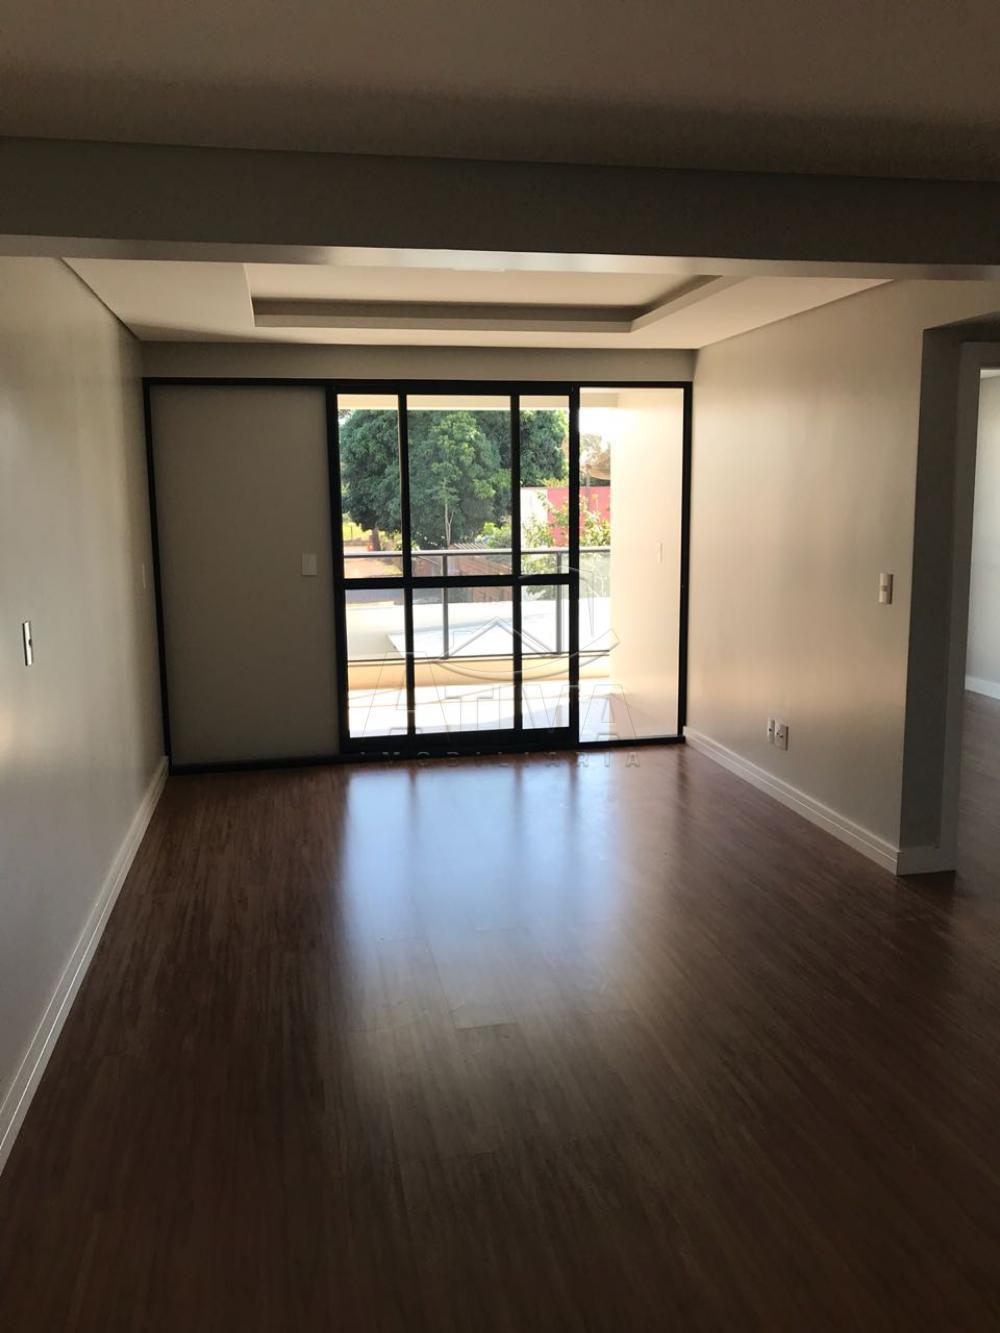 Comprar Apartamento / Padrão em Toledo apenas R$ 470.000,00 - Foto 12